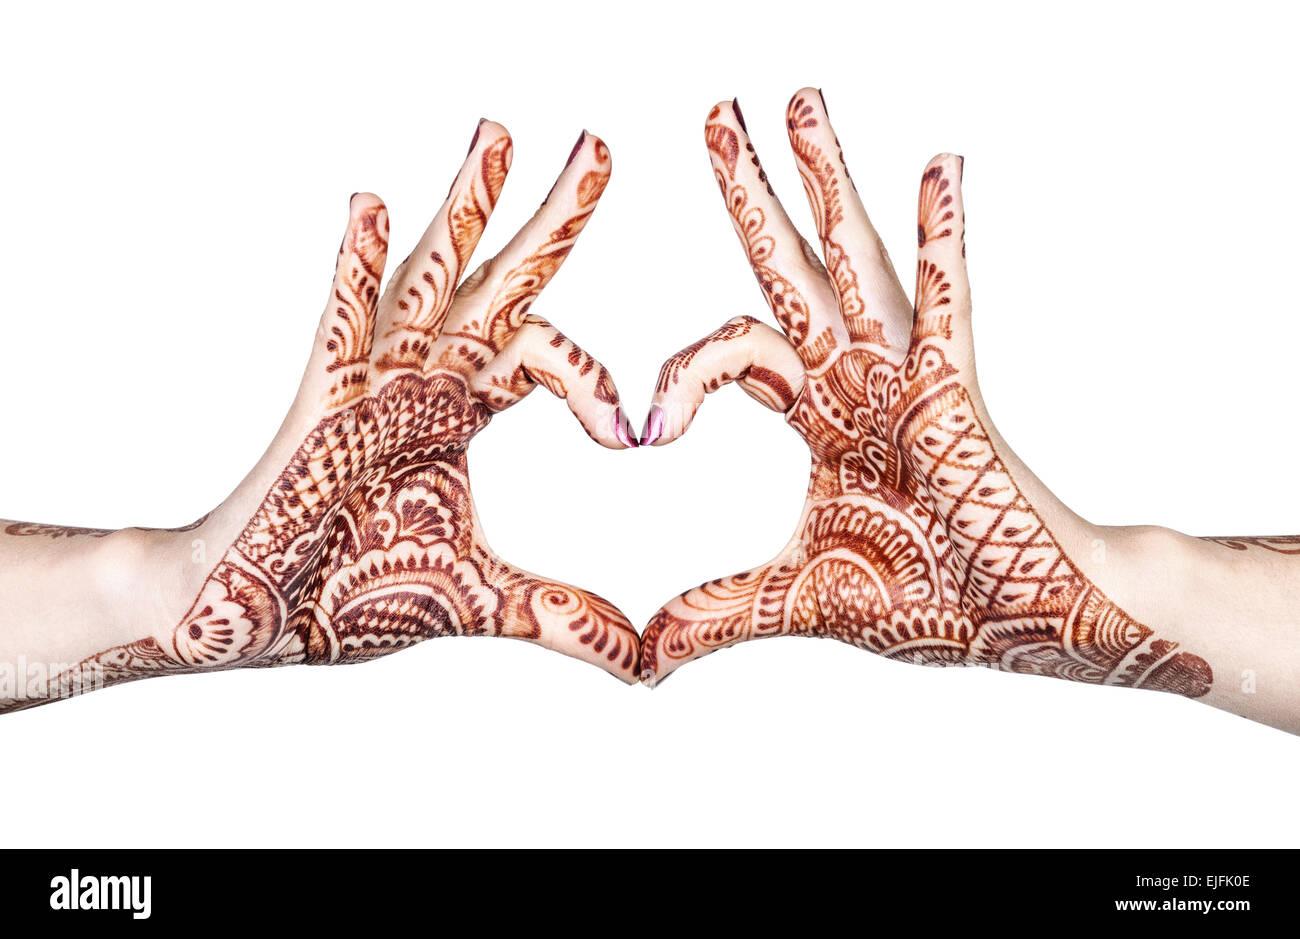 Les mains de henné femme faisant des gestes du cœur isolé sur fond blanc avec clipping path Photo Stock